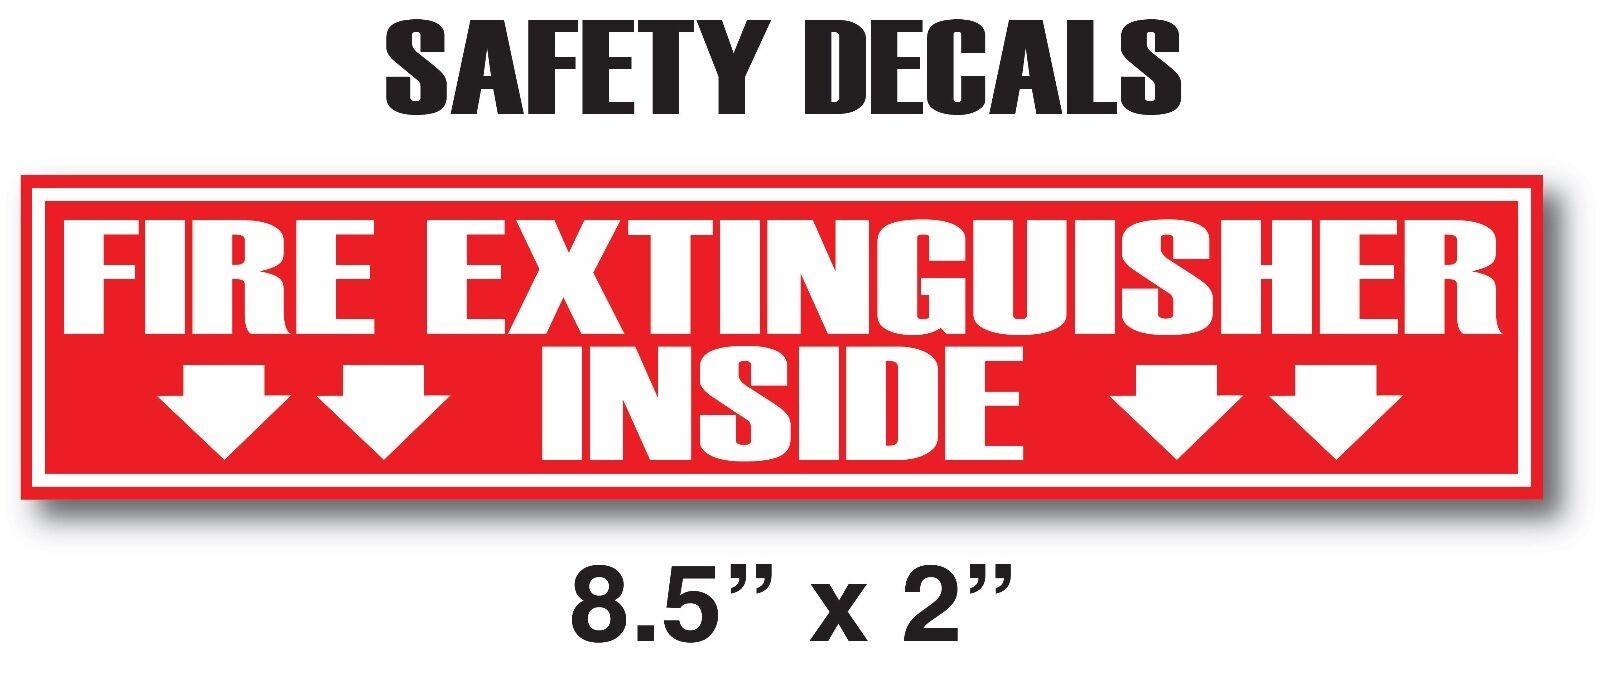 FIRE EXTINGUISHER INSIDE V2 Sticker Decals Inspection or Hos